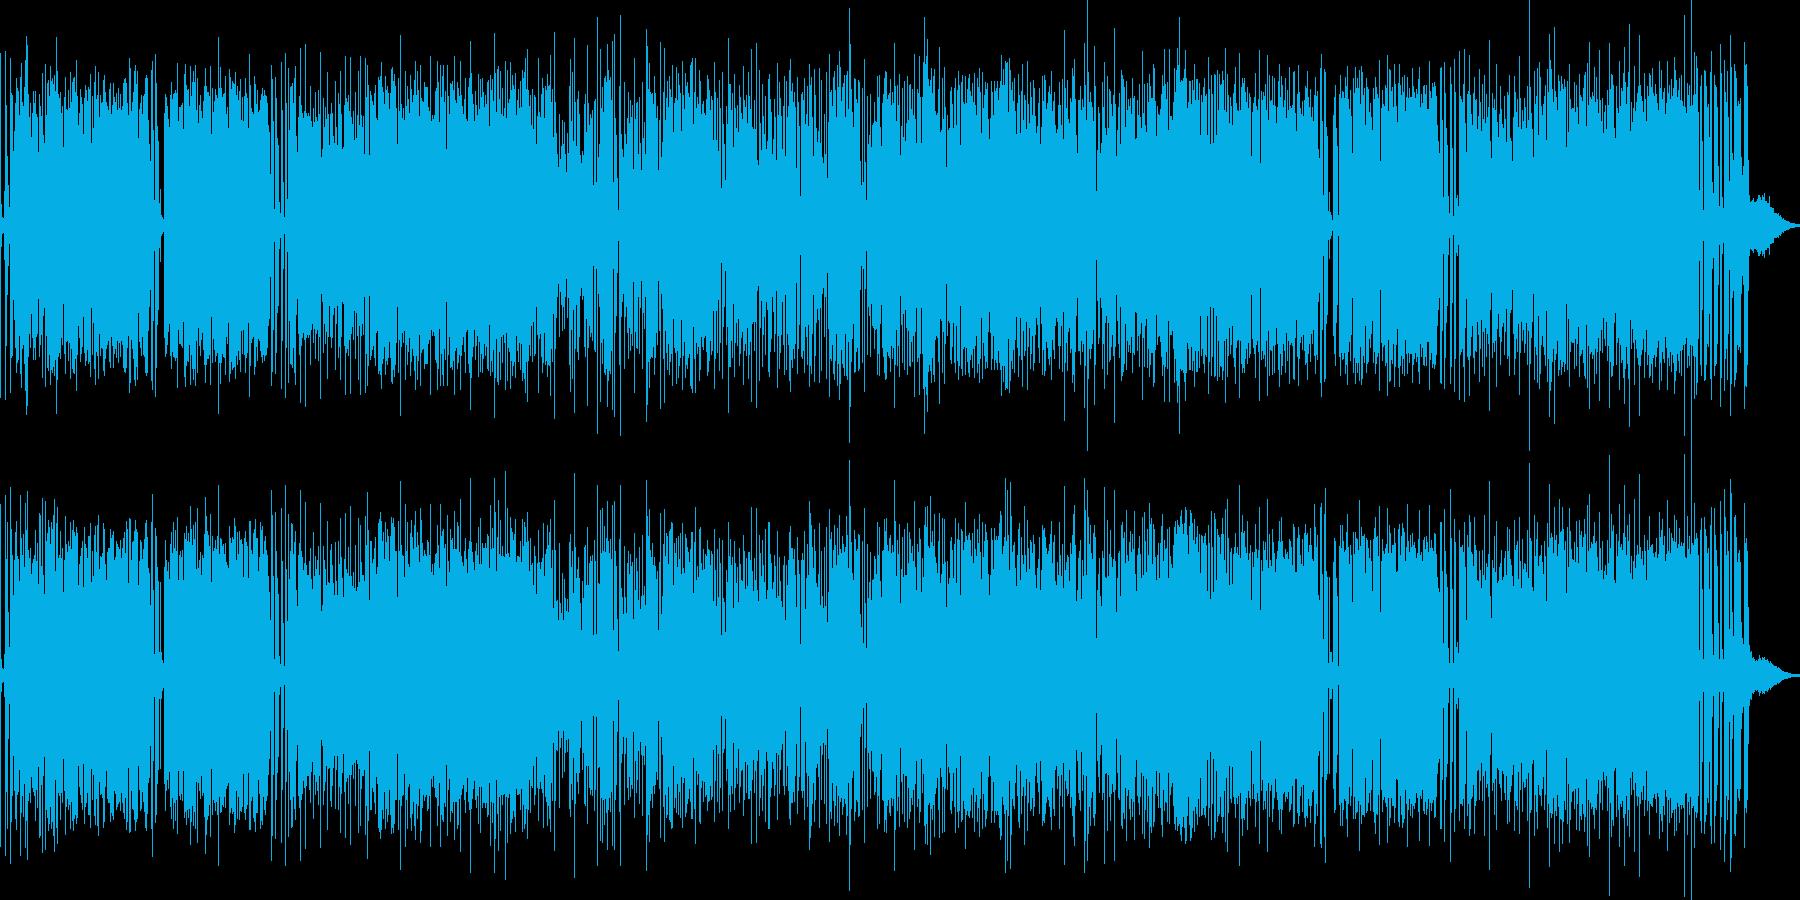 サックスの元気なメロディが印象的の再生済みの波形